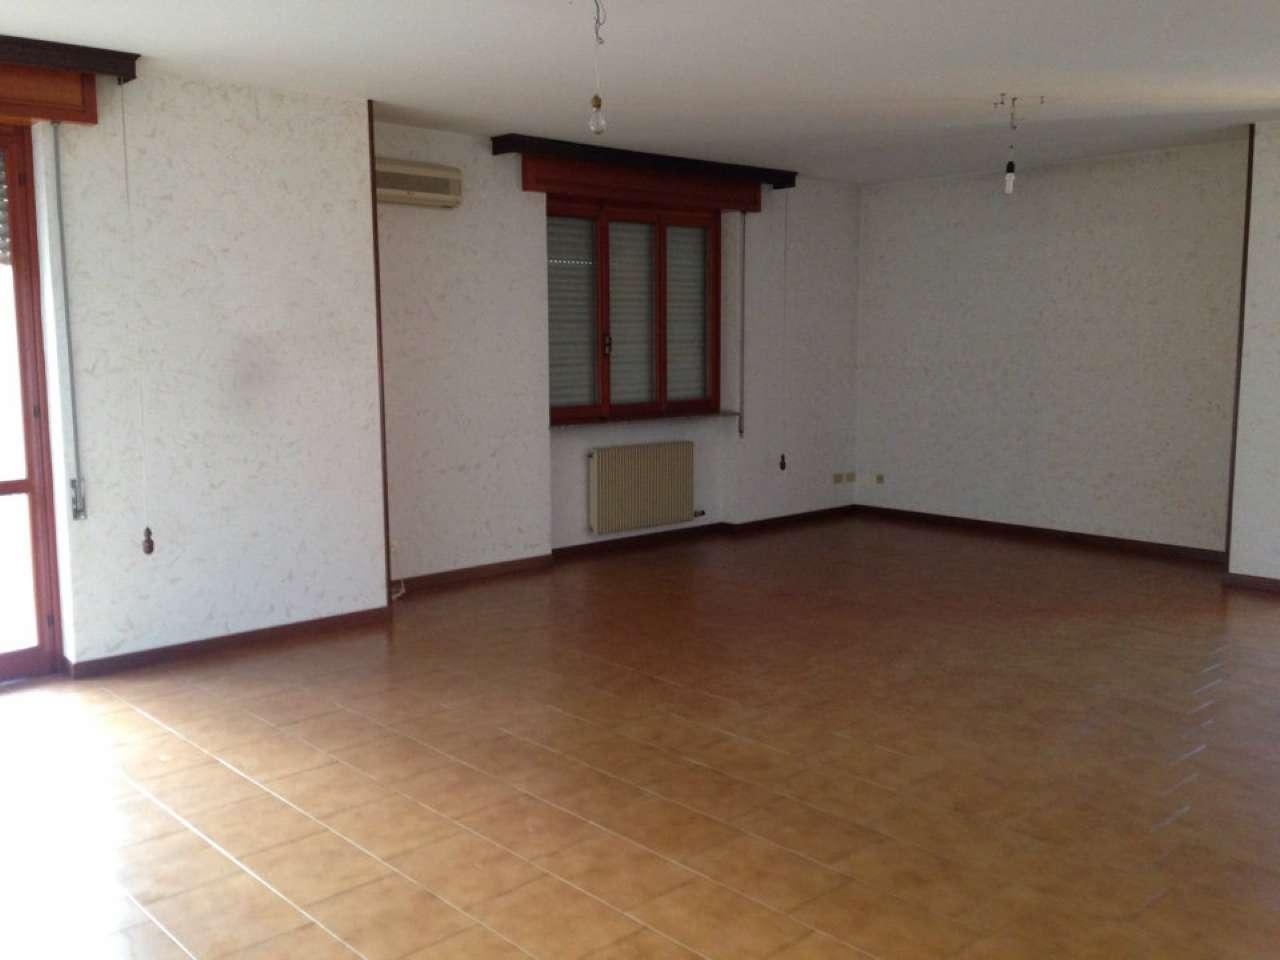 Appartamento in vendita a Cadeo, 4 locali, prezzo € 140.000 | CambioCasa.it